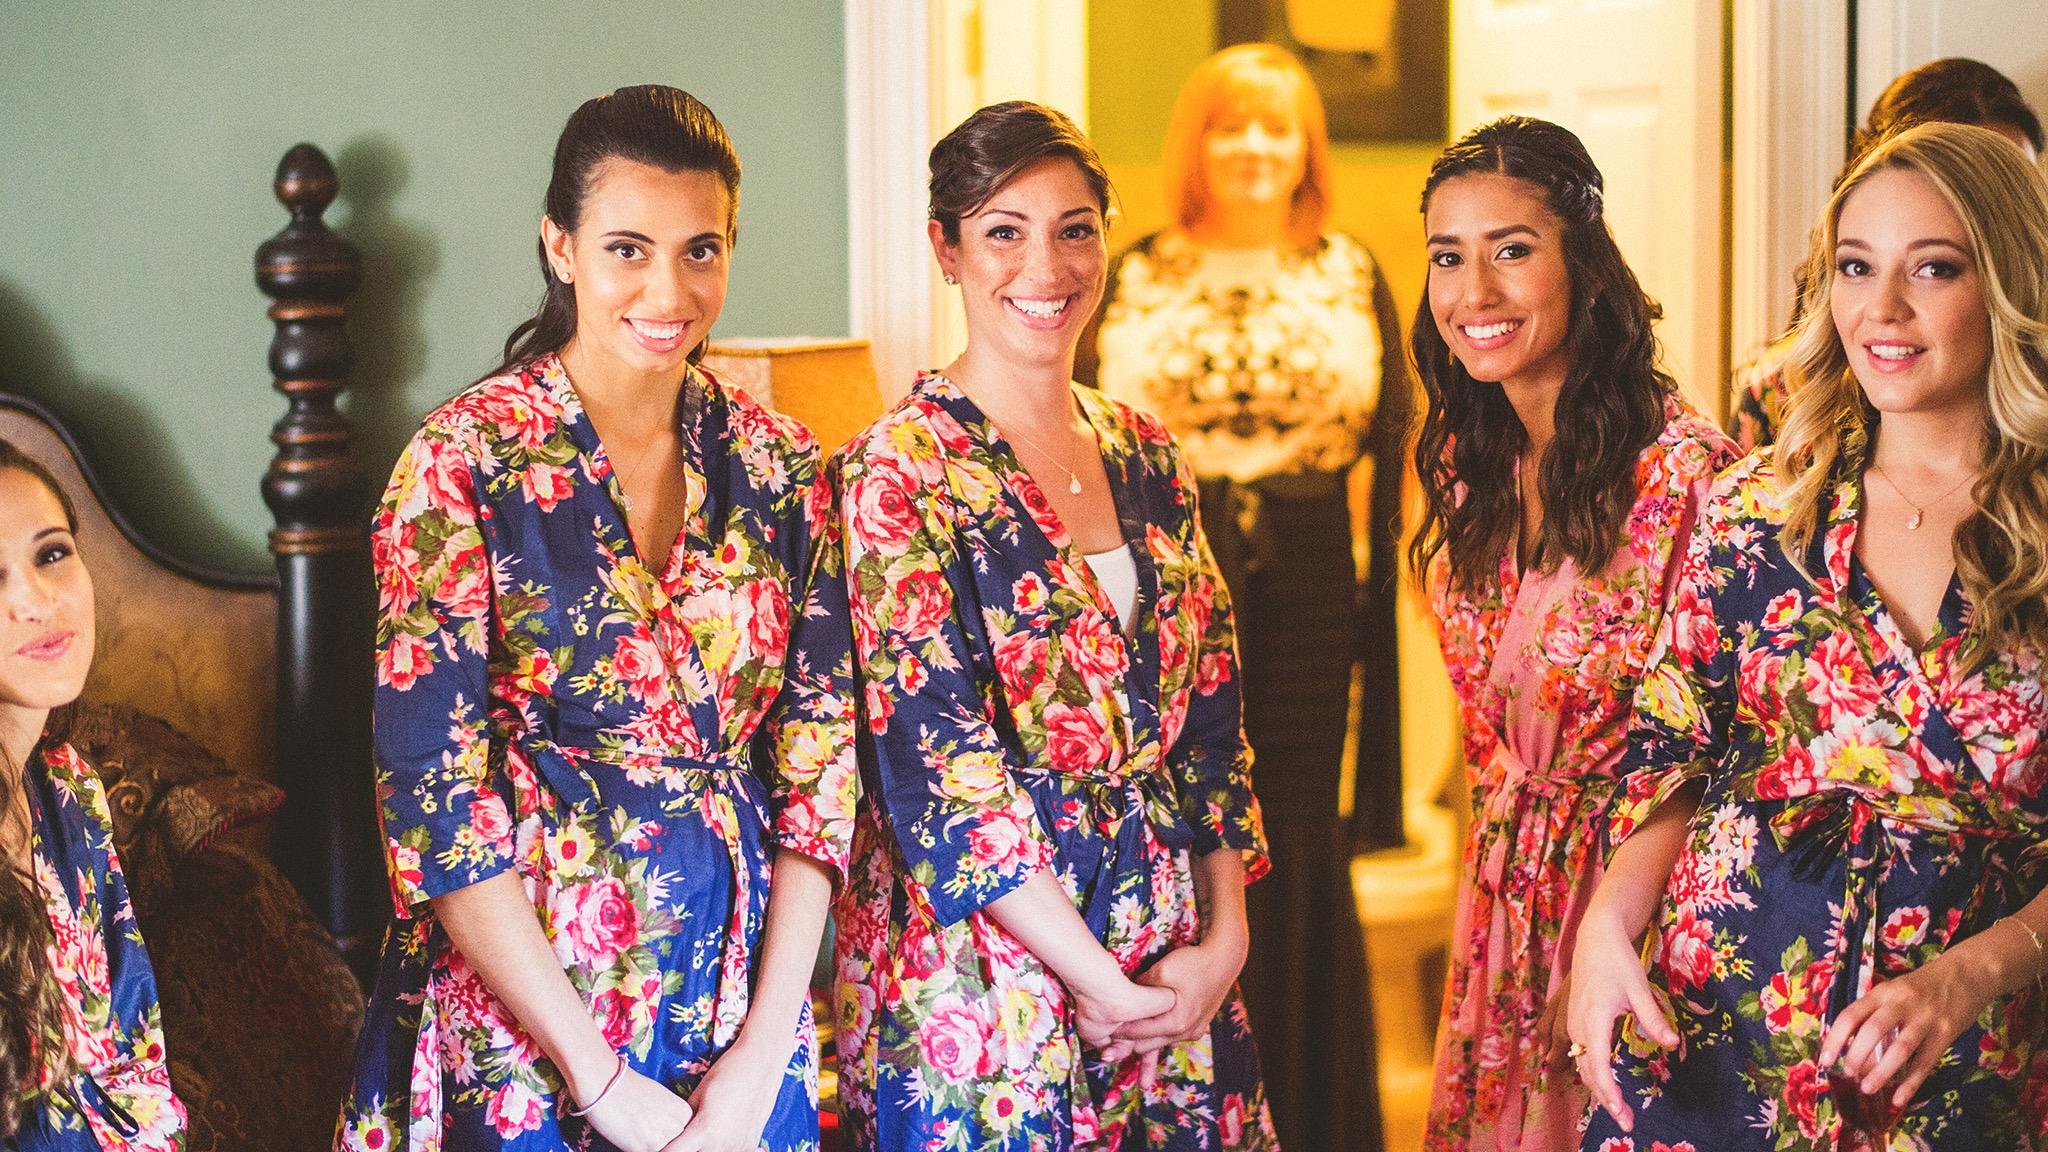 18-happy-bridesmaids.jpg